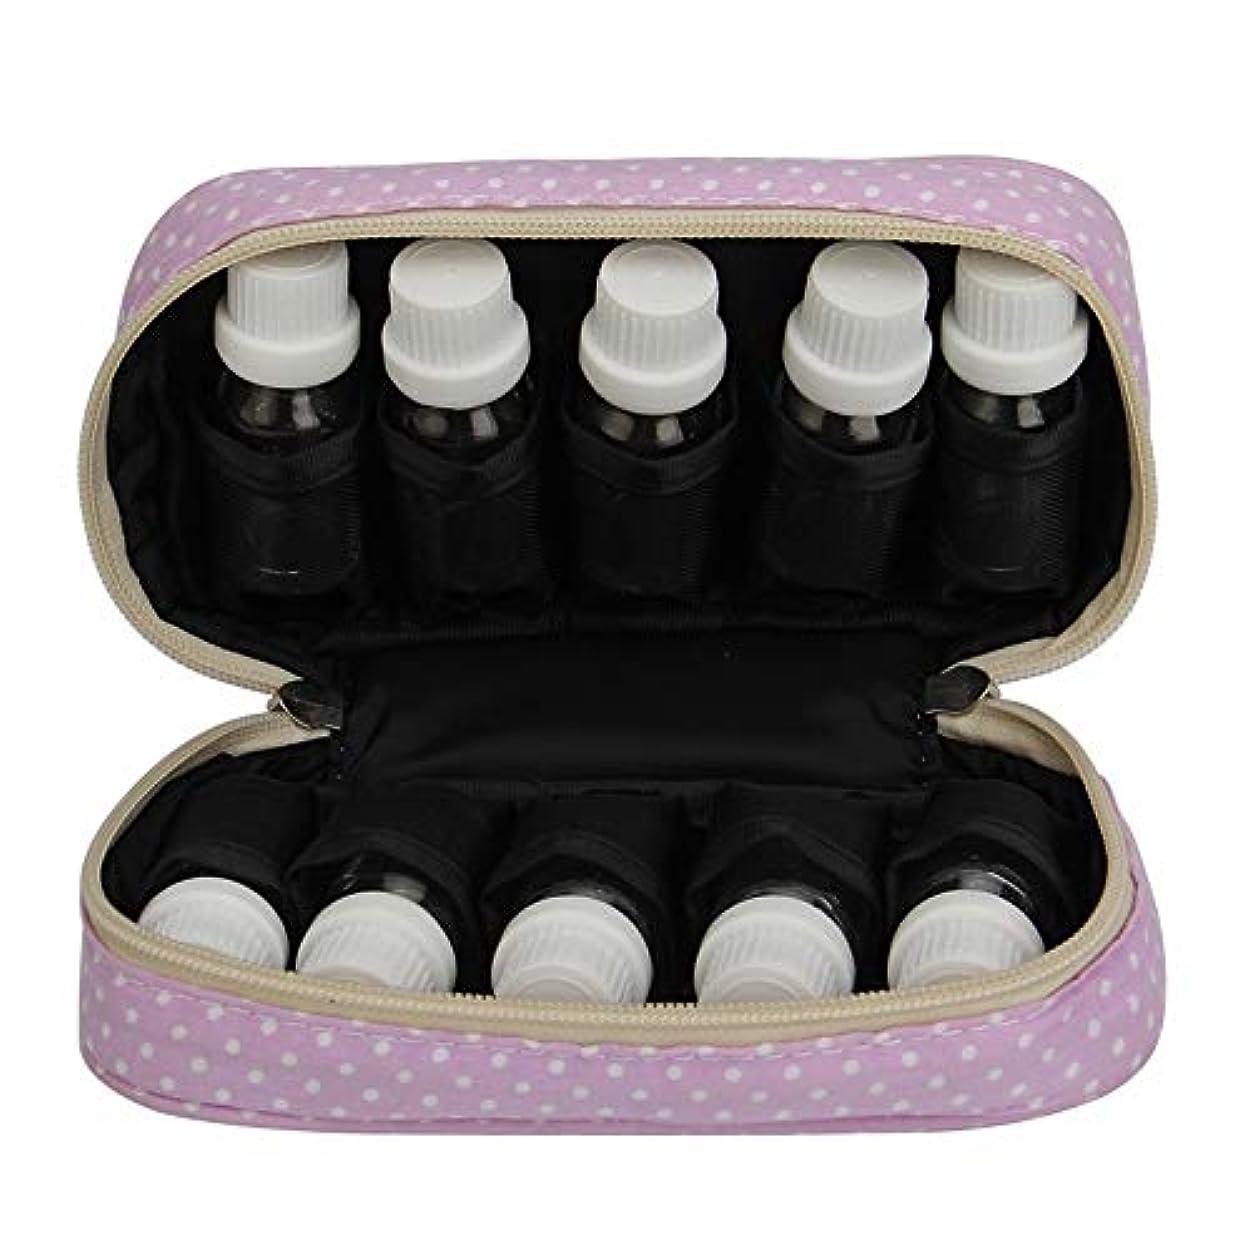 シャワー珍味お客様エッセンシャルオイル収納ボックス エッセンシャルオイルキャリングケースは、10本のボトル10-15MLトラベルオーガナイザーポーチバッグを開催します (色 : 紫の, サイズ : 18.5X11X5CM)